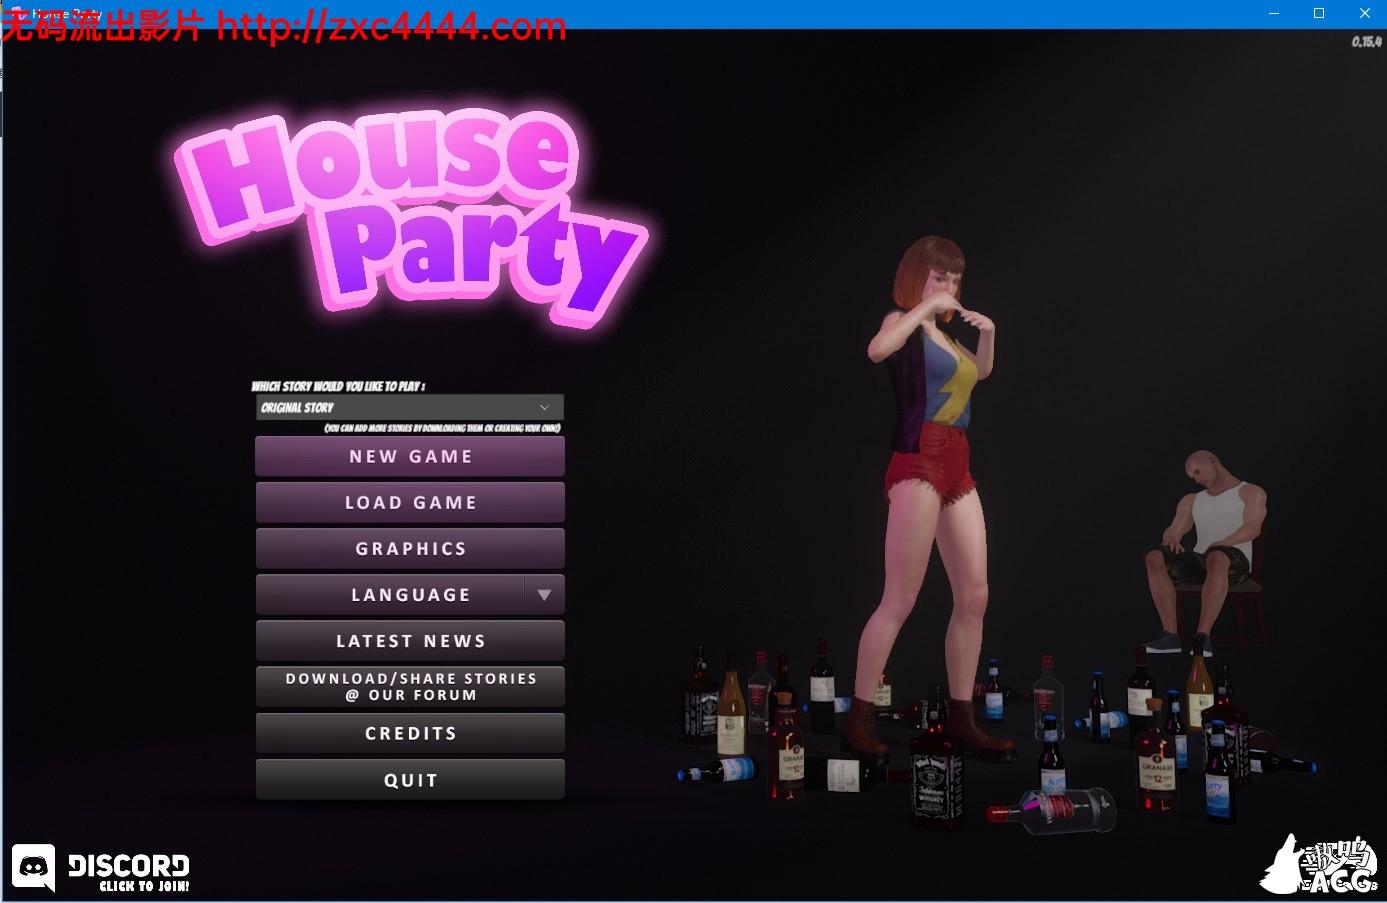 居家派对 House Par/ty V1.54 官方中文版+攻略【更新】【4.3G】